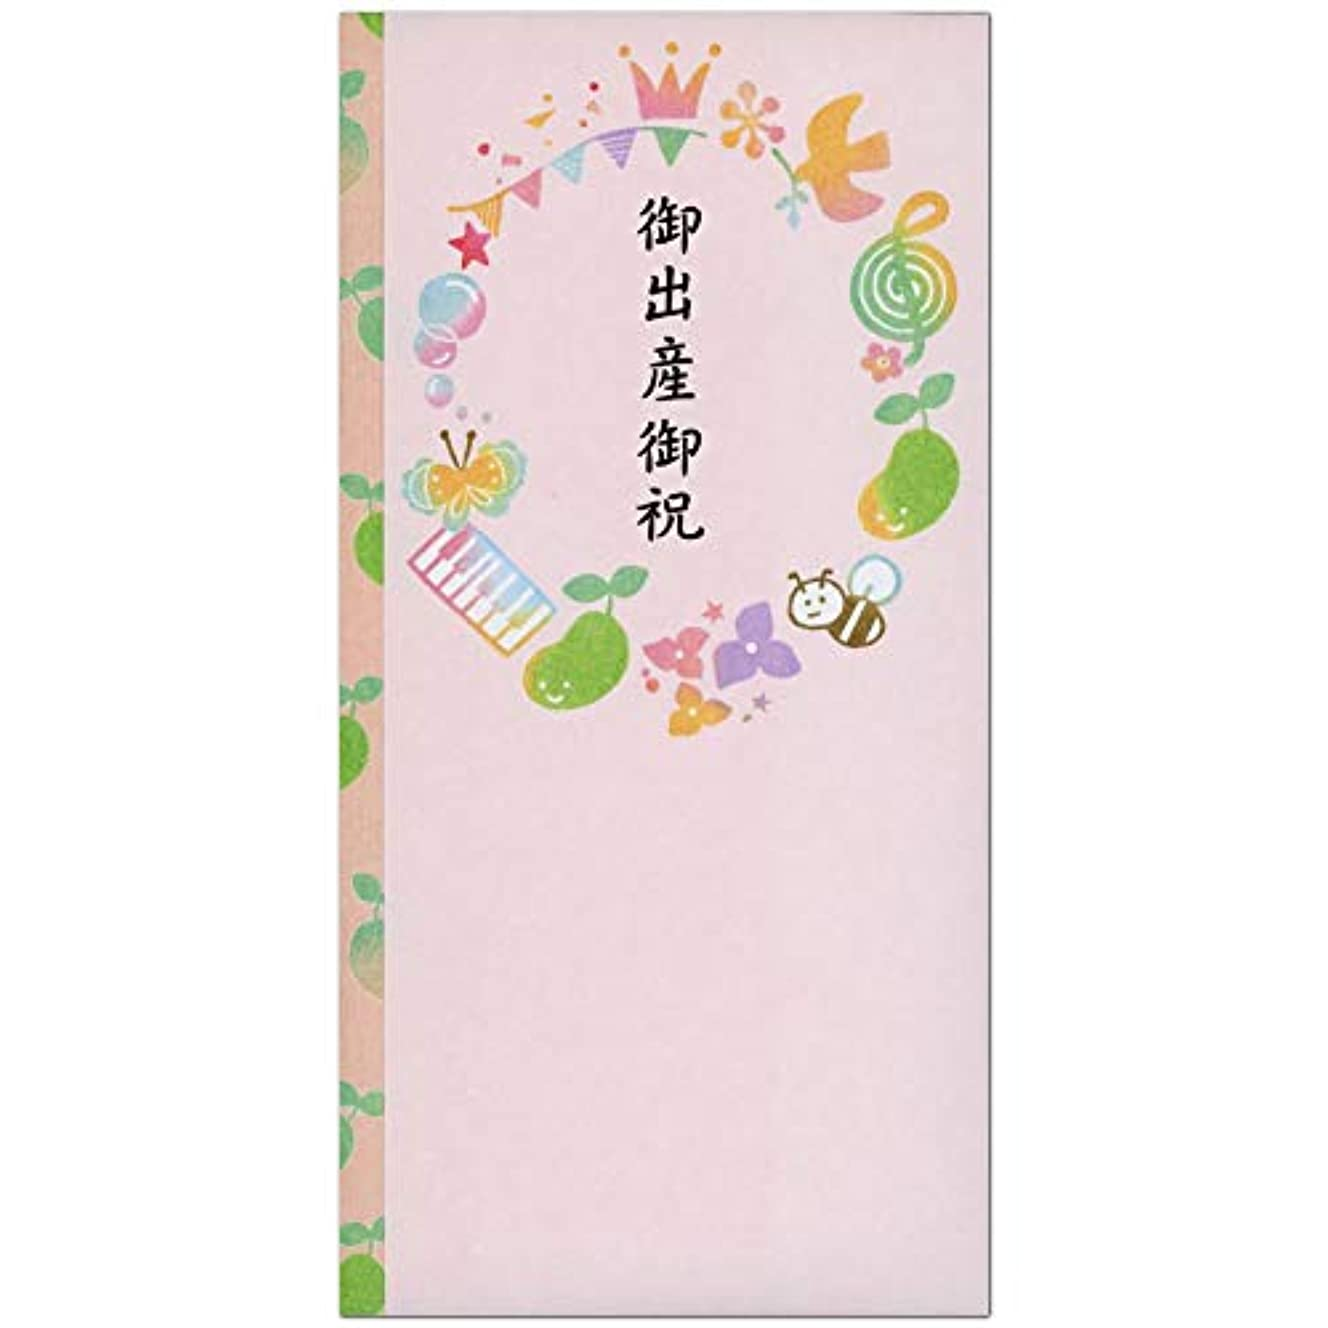 ランダム精算顧問フロンティア 祝儀袋 出産祝 はんこ新芽 SG−183 ピンク